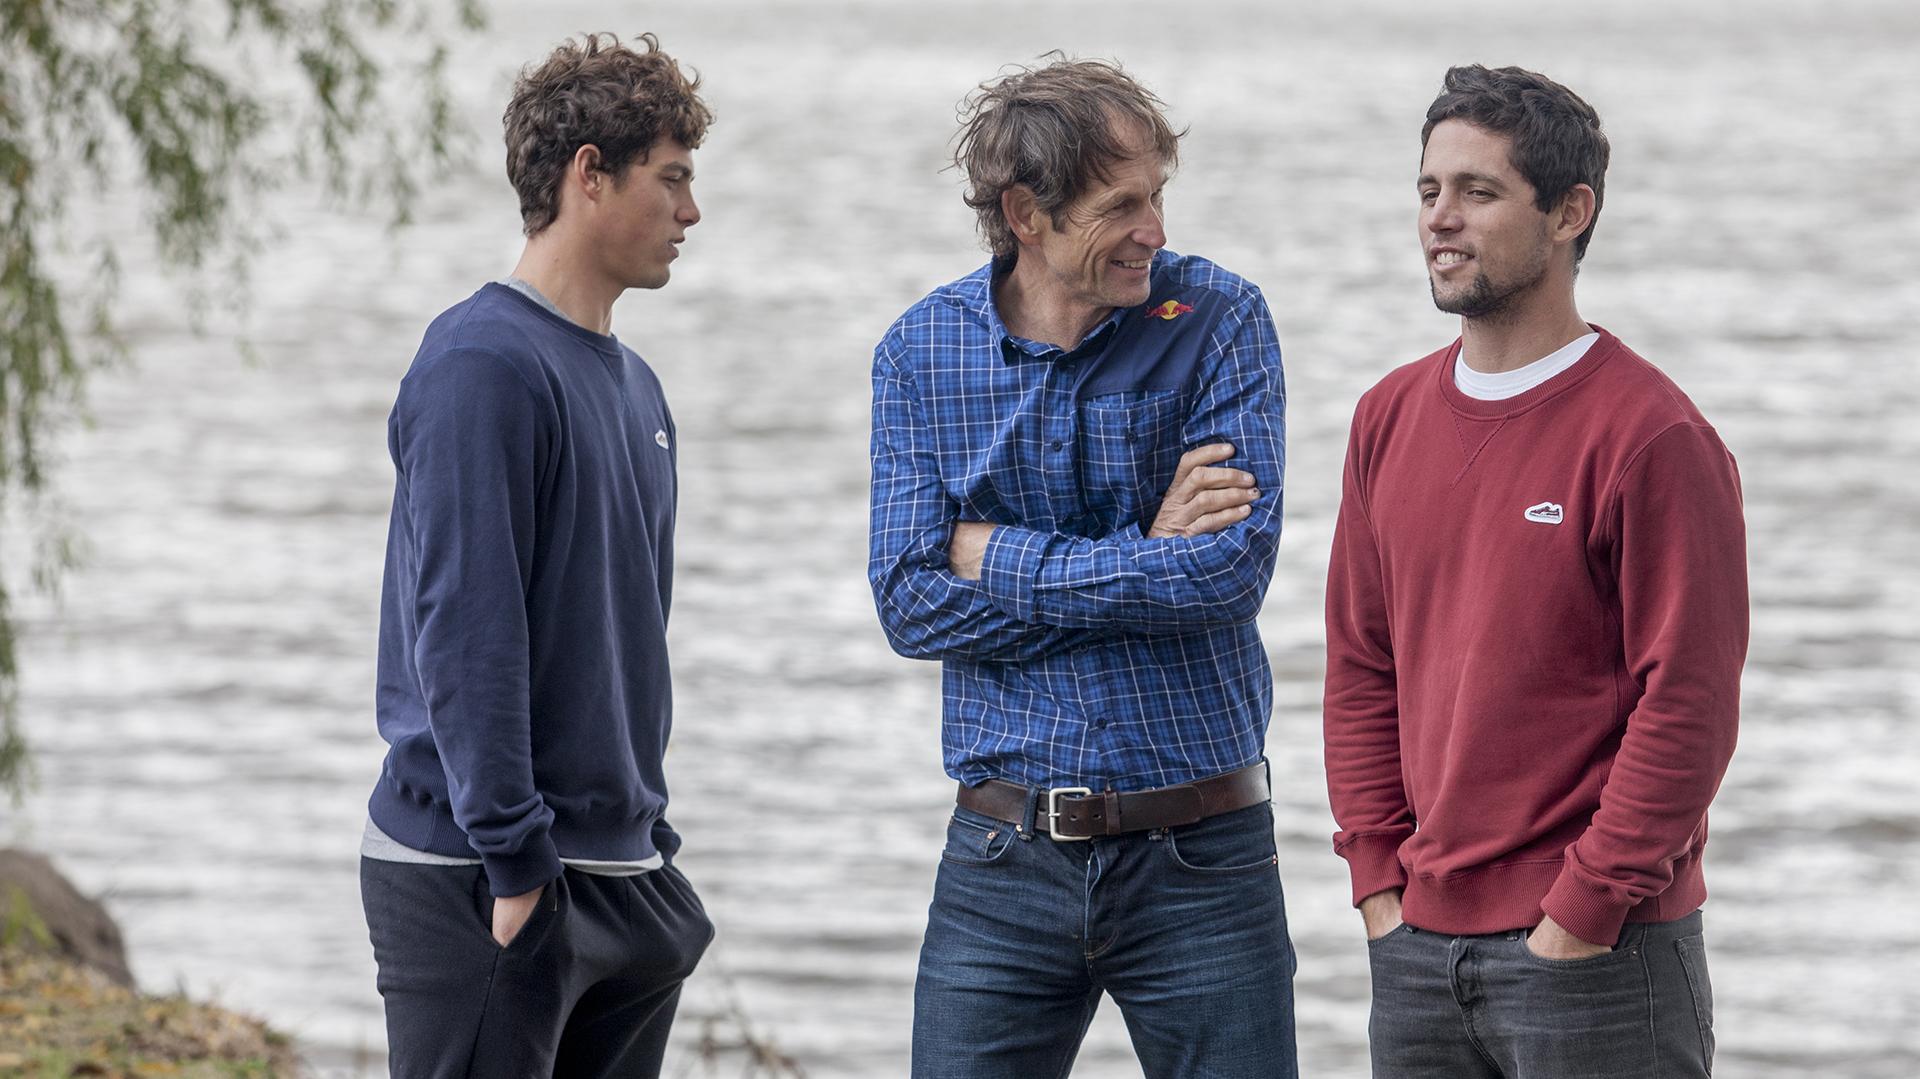 Photo: Gustavo Cherro/ Red Bull Content Pool